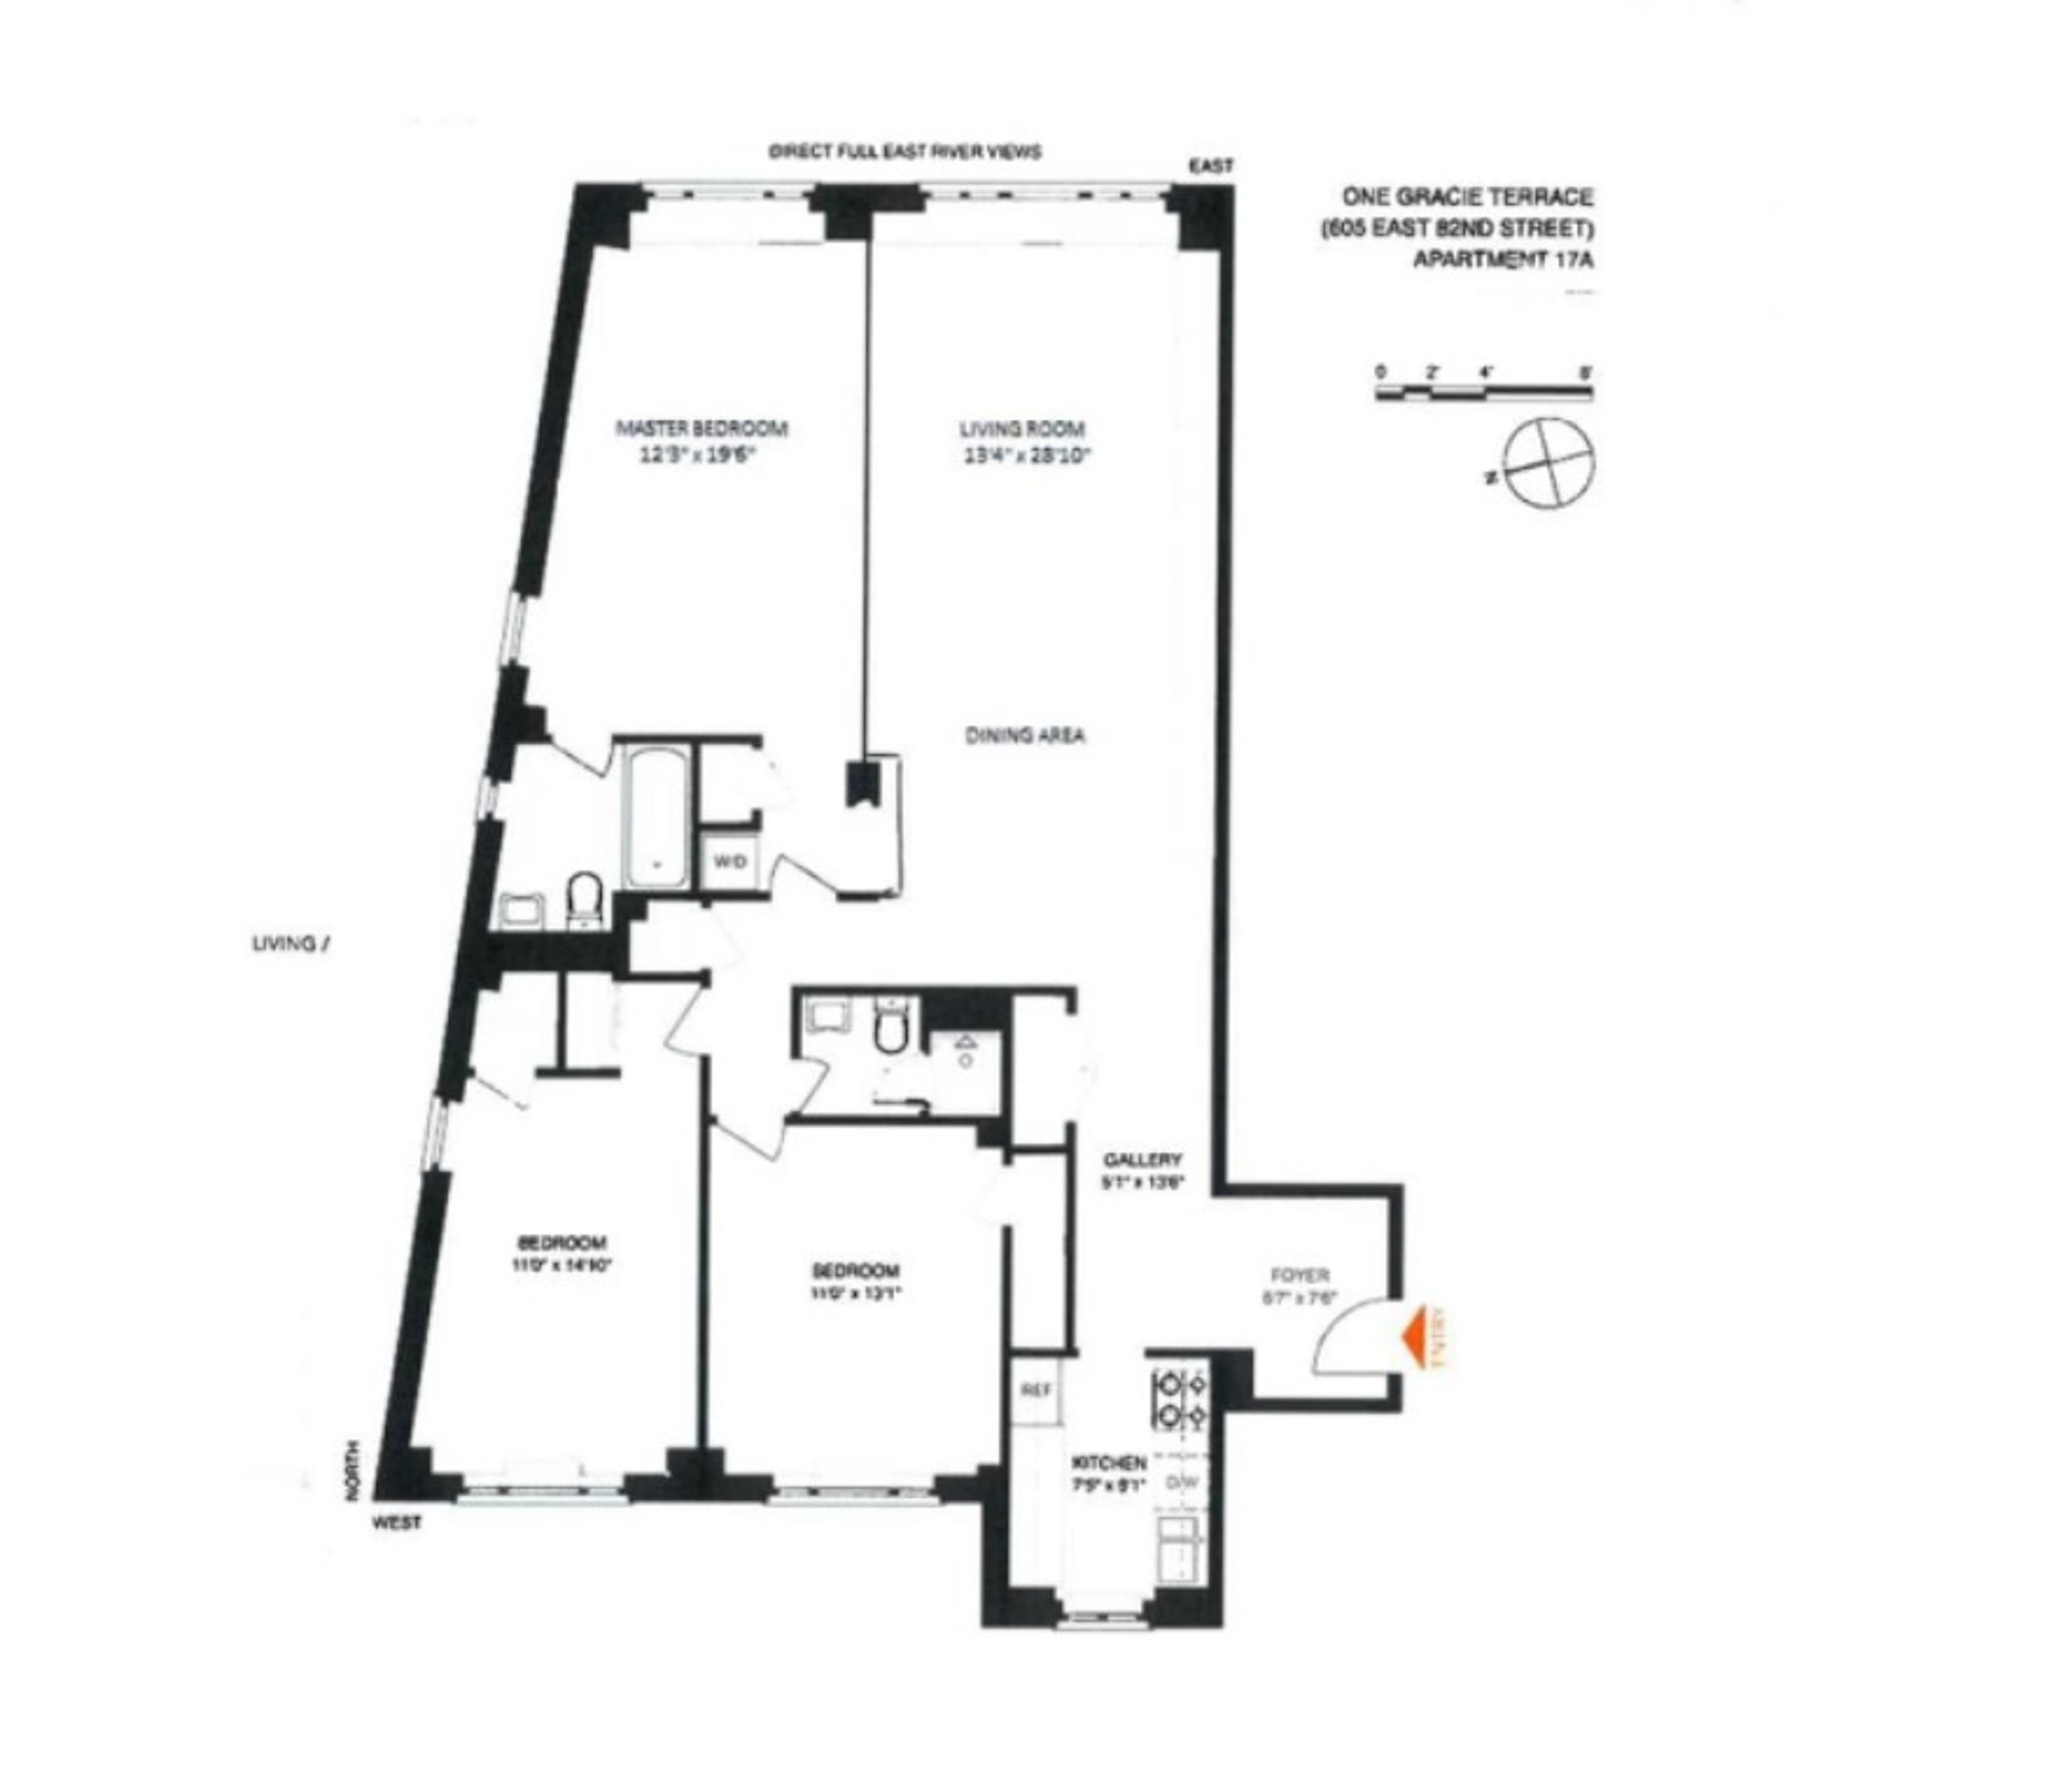 2 Bedroom Apt Floor Plans